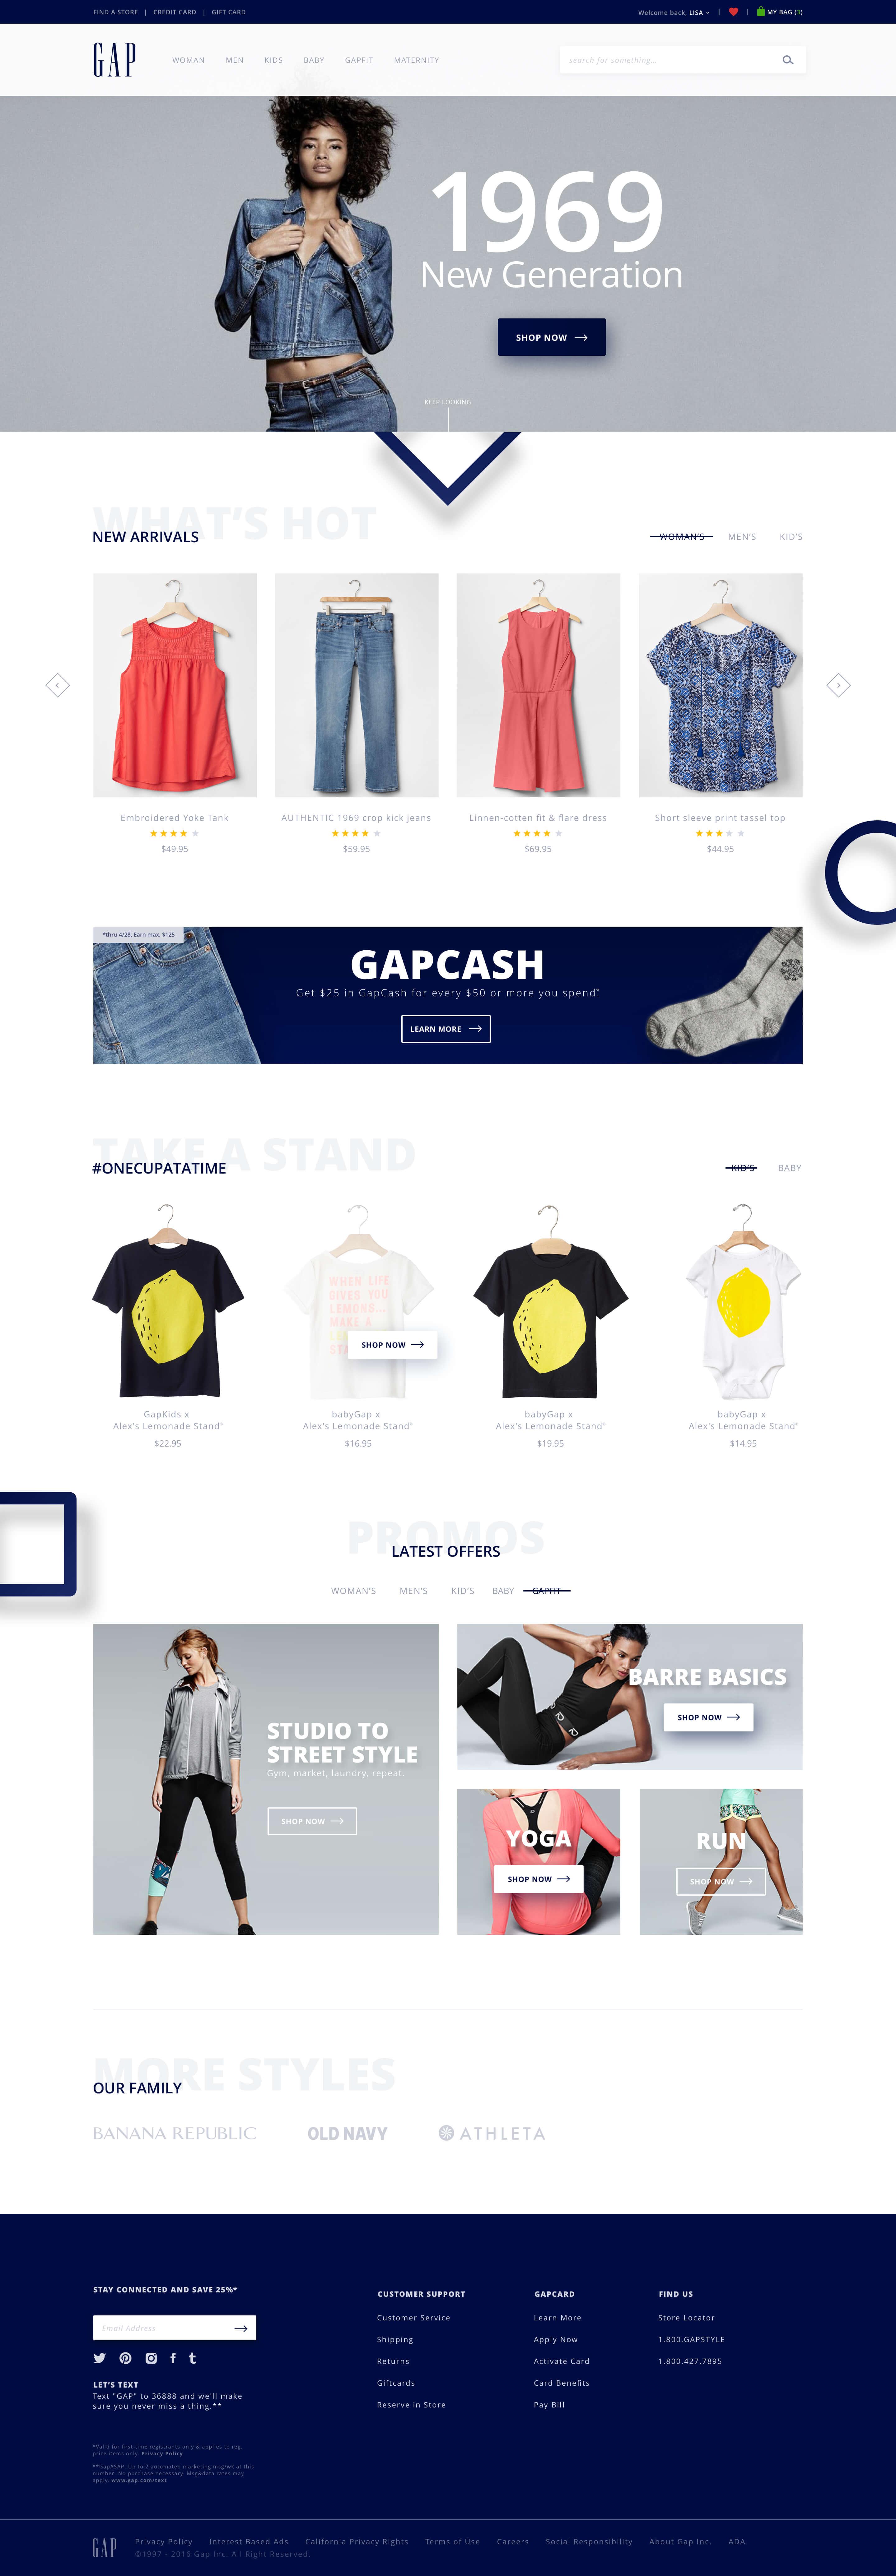 gap.com-redeux